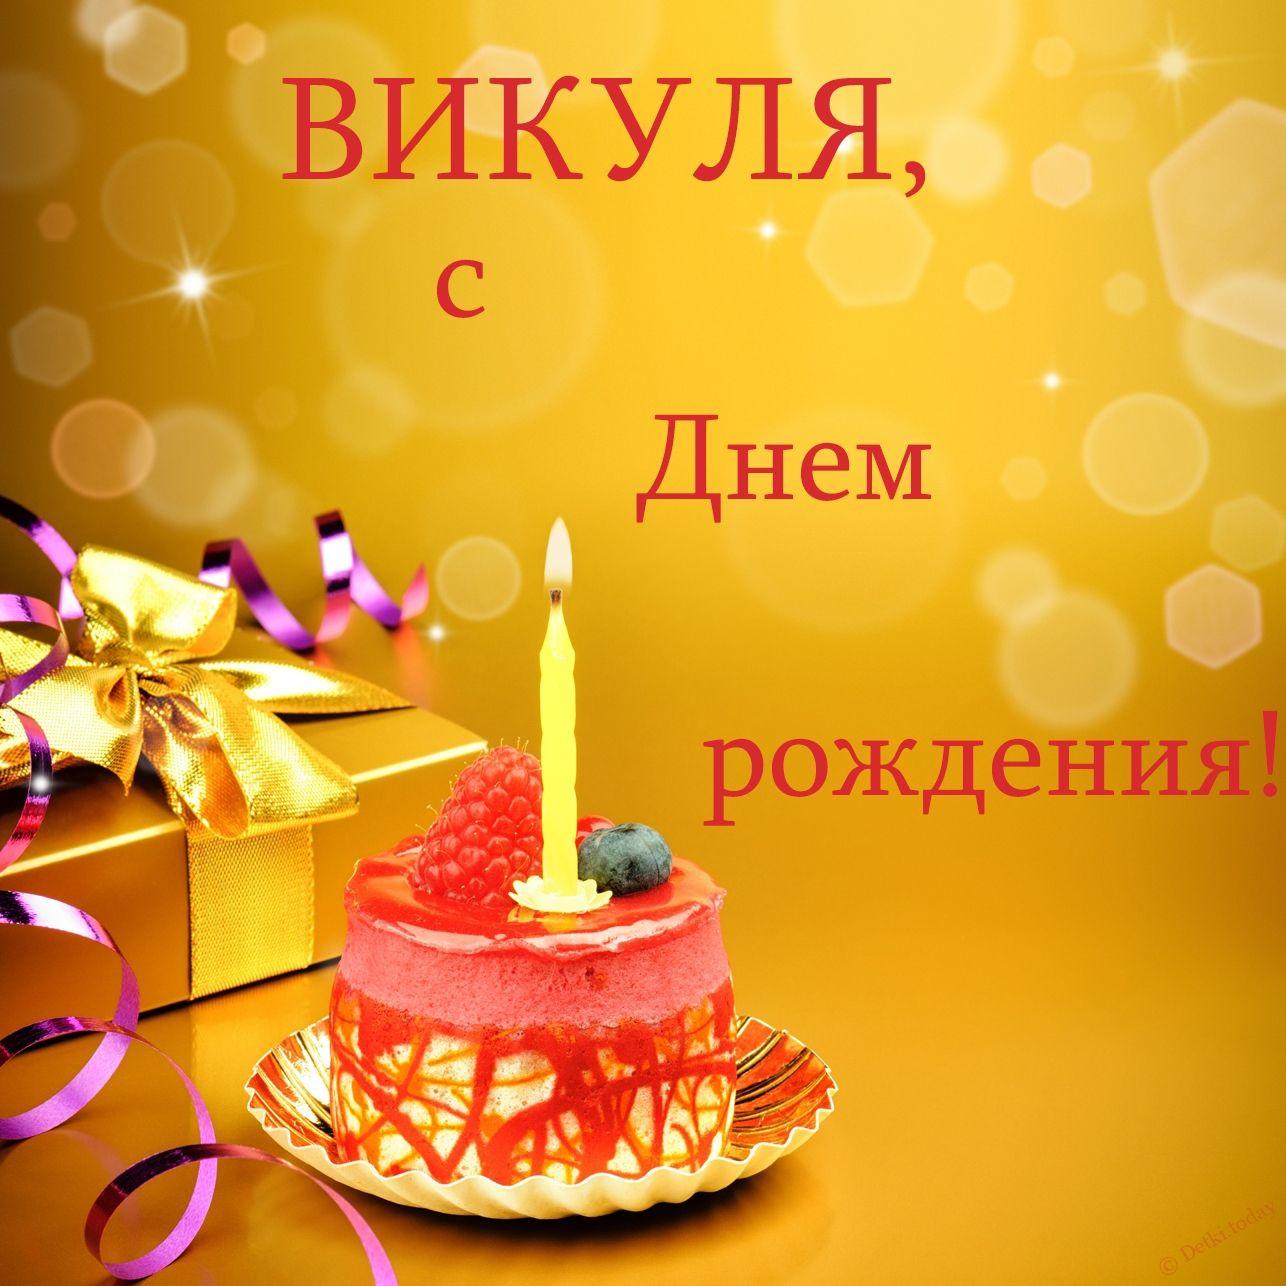 Открытки, картинки светлану с днем рождения